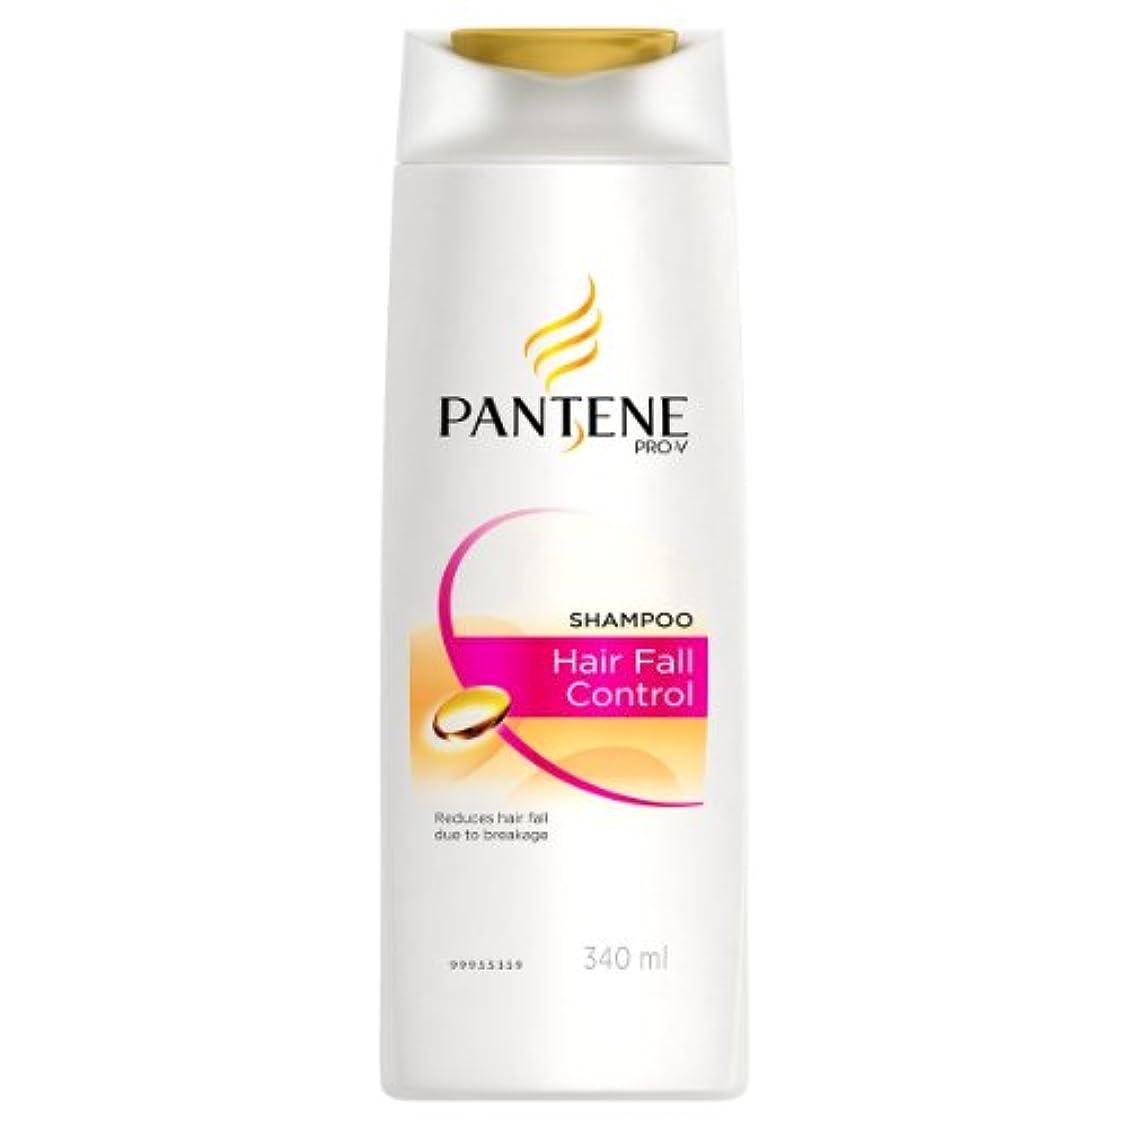 投資する数学的な液化するPANTENE Hair Fall control SHAMPOO 340 ml (PANTENEヘアフォールコントロールシャンプー340ml)